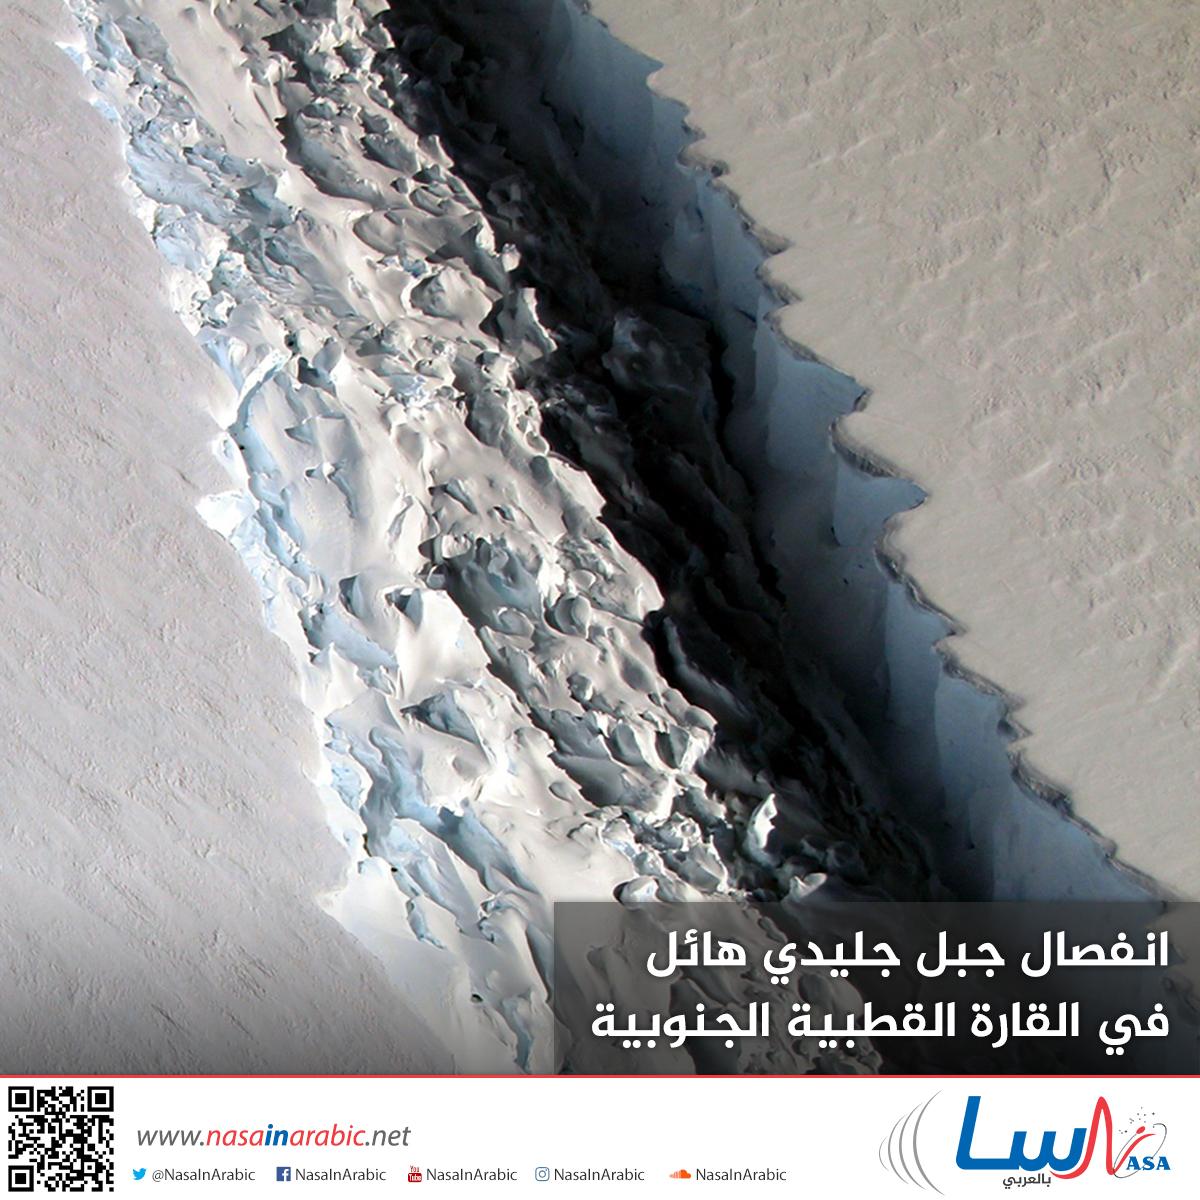 انفصال جبل جليدي هائل في القارة القطبية الجنوبية